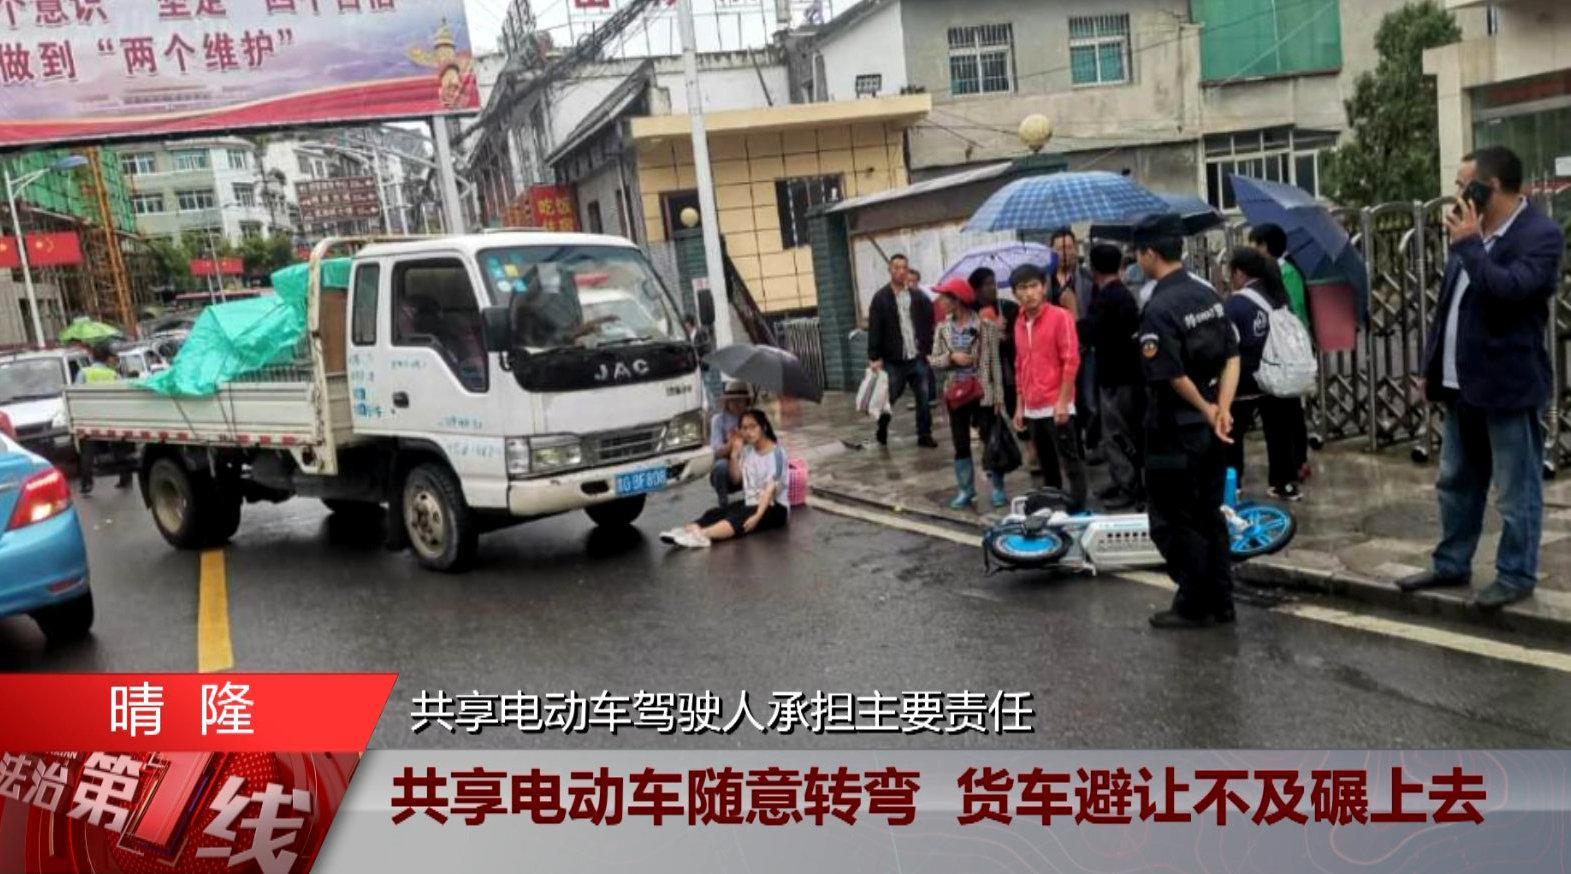 女孩骑共享电动车,随意转弯冲上大马路,货车避让不及碾上去